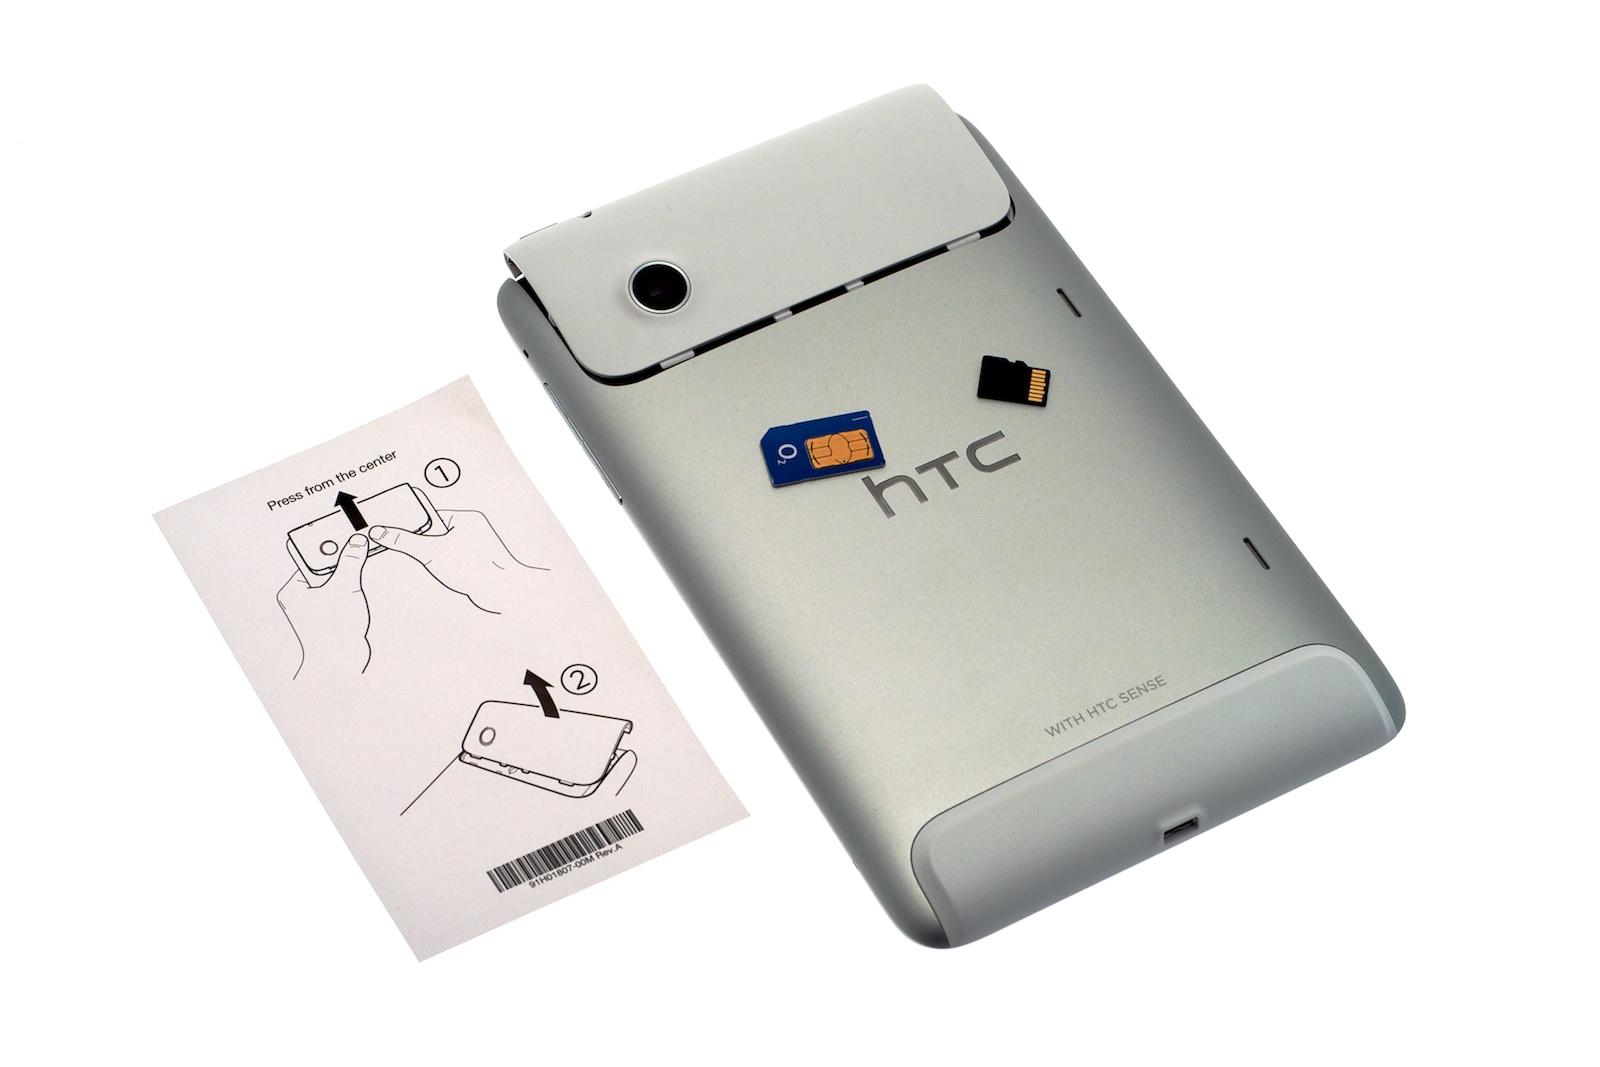 HTC Flyer im Test: Gelungenes Android-Tablet mit eigener Handschrift -